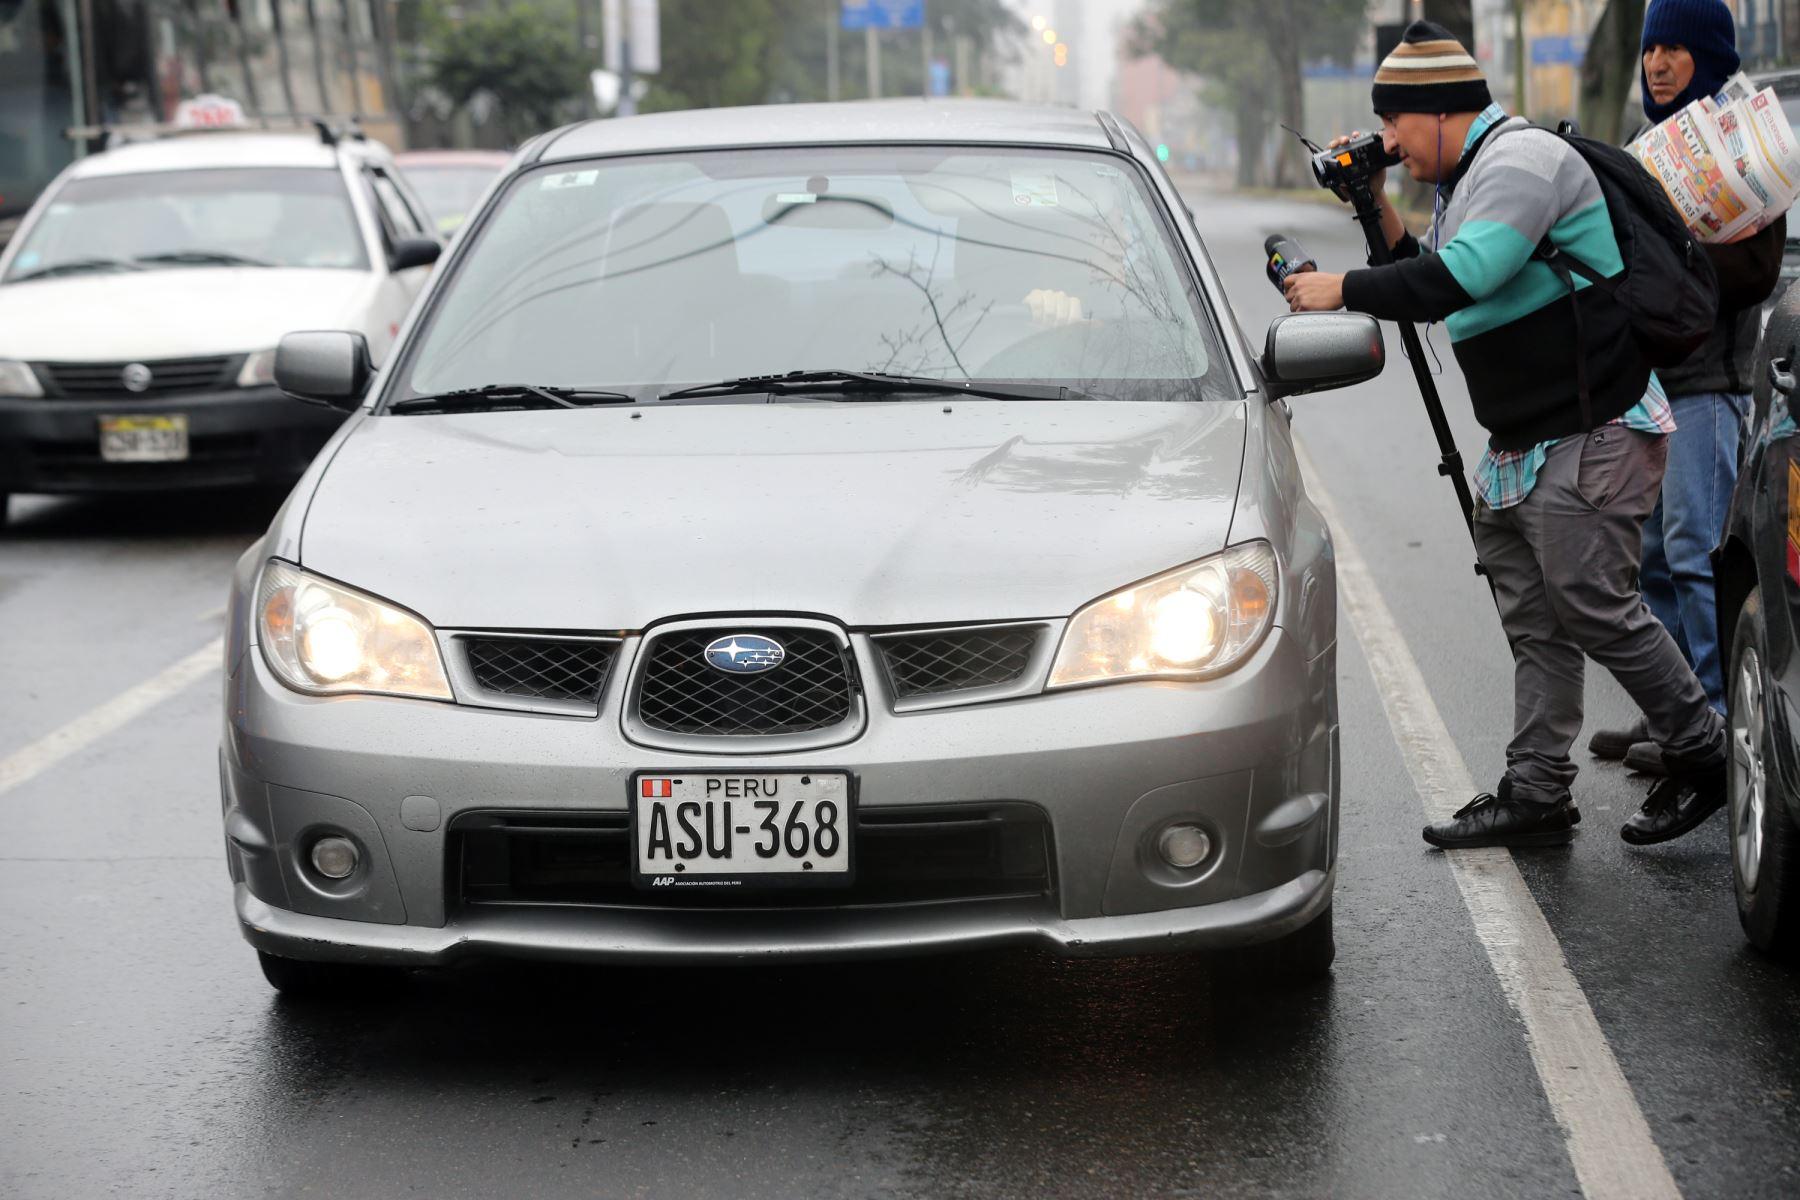 """La medida denominada """"Hora pico y placa"""" entró en vigencia hoy para reducir la congestión vehicular en Lima .Foto: ANDINA/Norman Córdova"""